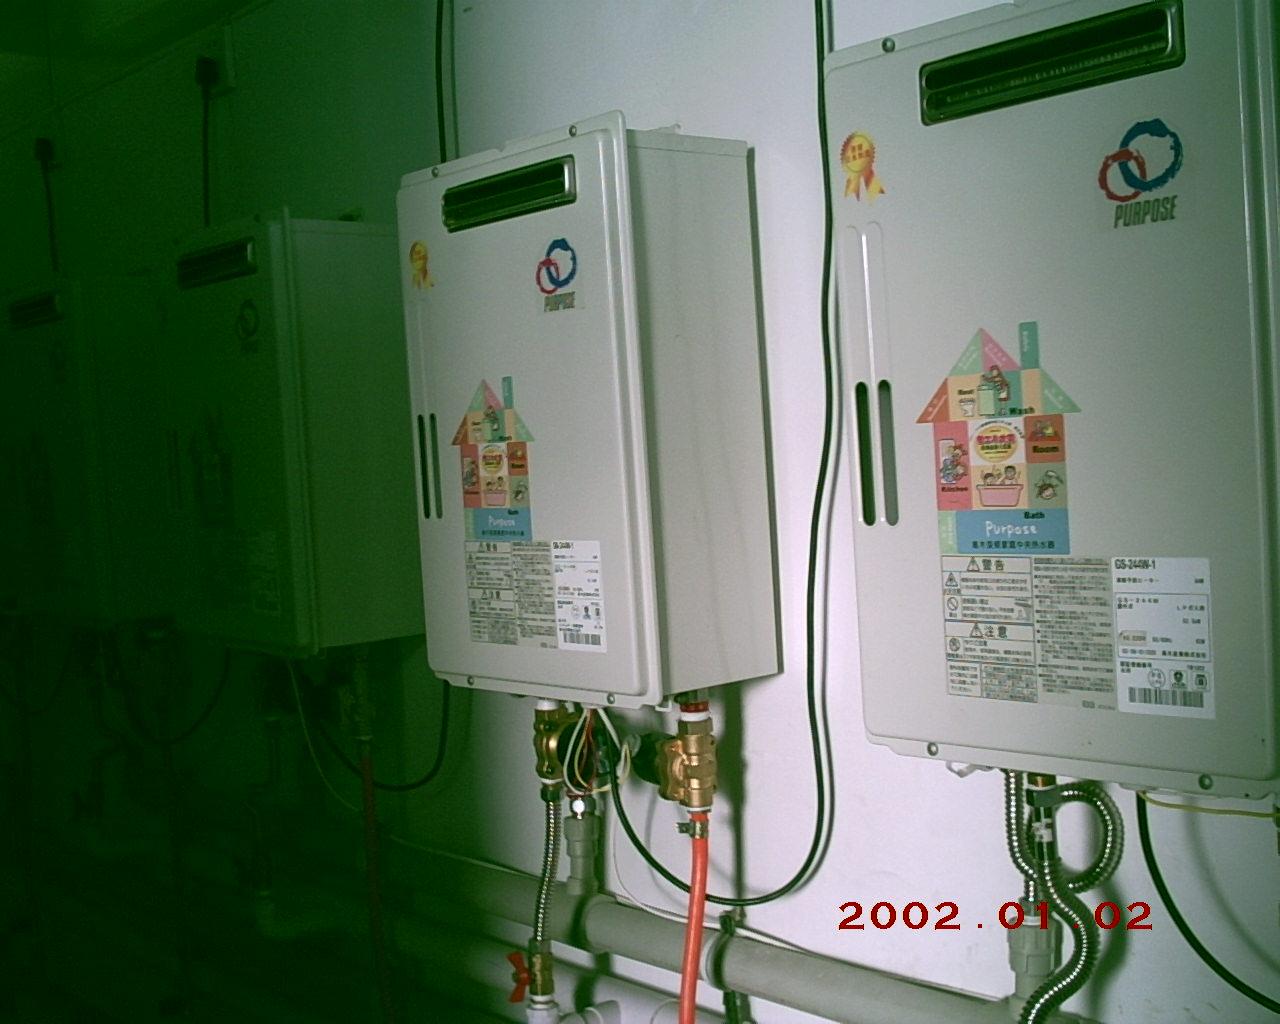 高木热水器日本原装进口 - 深圳房地产信息网论坛